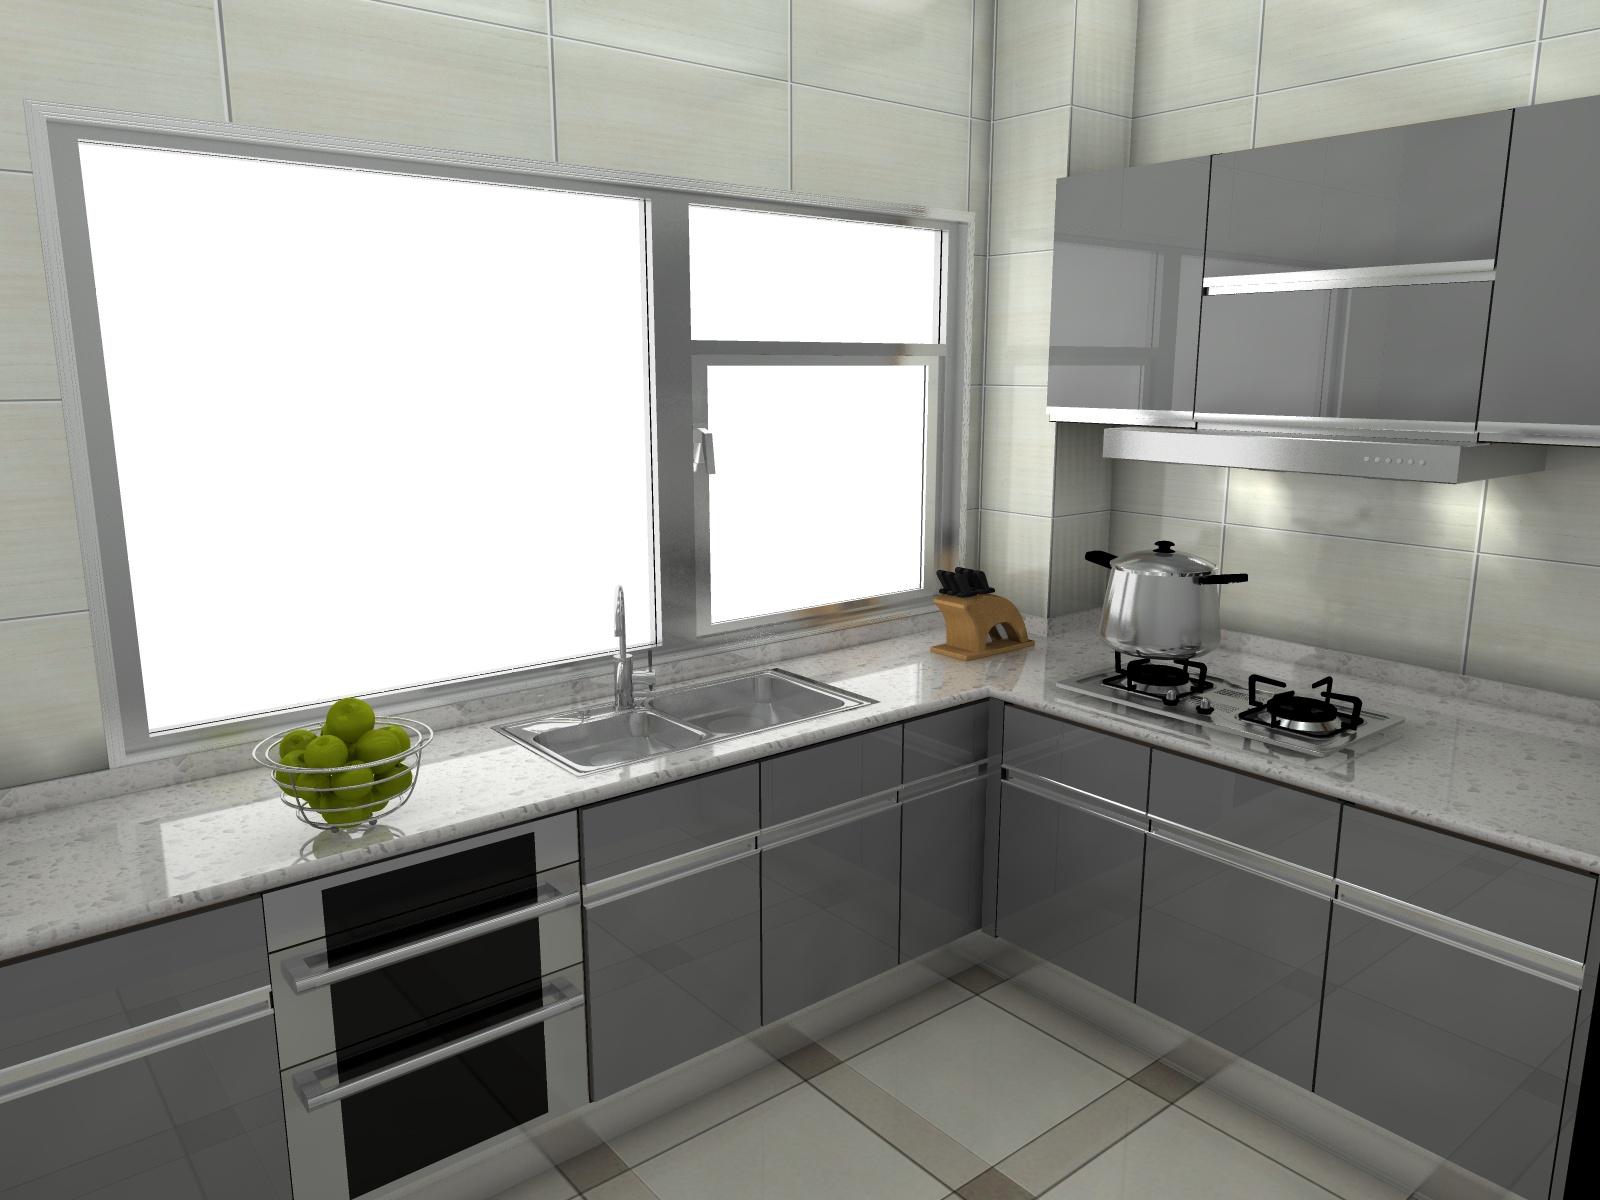 小度素材-厨房(444)